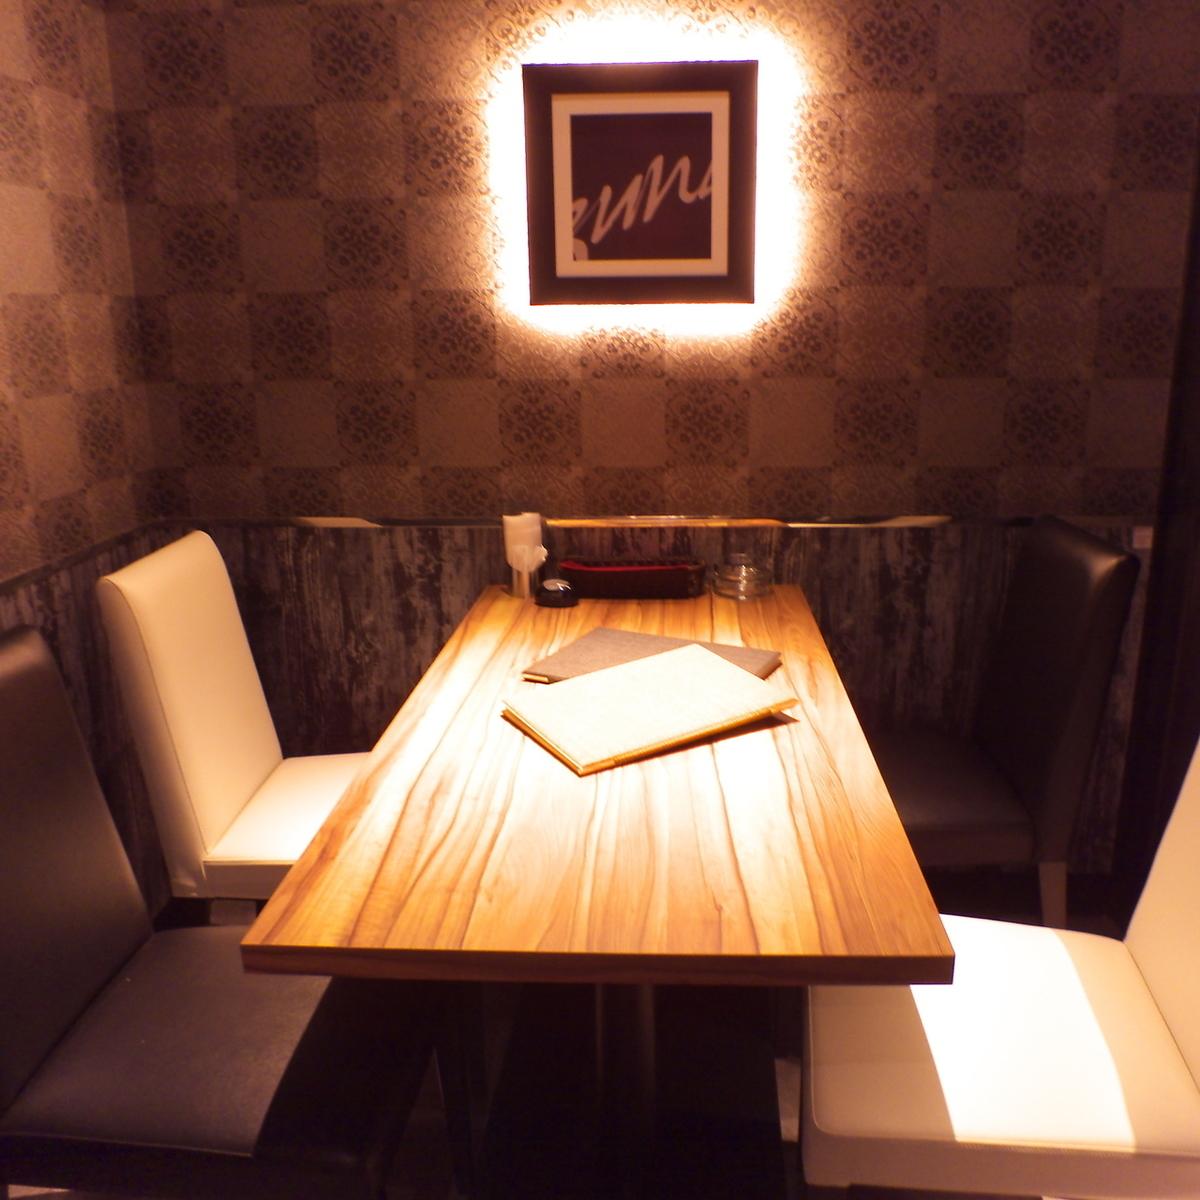 他フロアとは隔離された特別室。大切な方、特別なお客様の為に使うならこのお部屋。他の2部屋との仕切りを外せば15名様程度の収容が可能なプライベート空間にもなります。※ルームチャージ料お一人様500円頂戴しております。